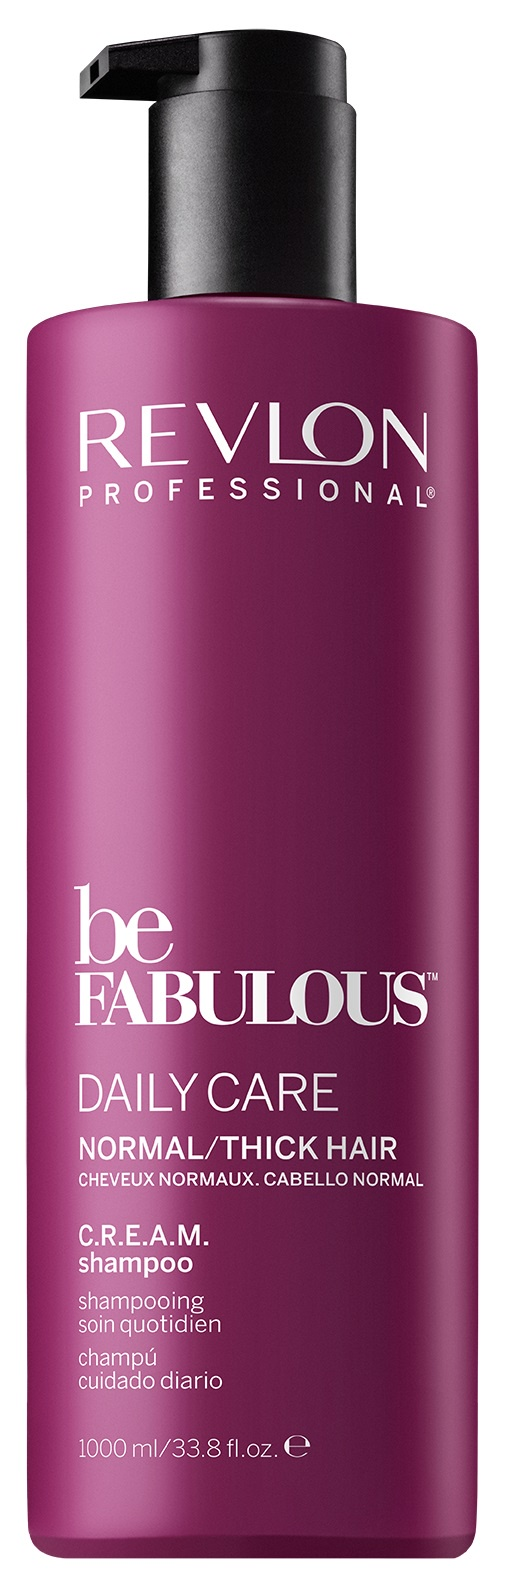 Шампунь BE FABULOUS для восстановления волос REVLON PROFESSIONAL для нормальных/густых волос 1000 мл